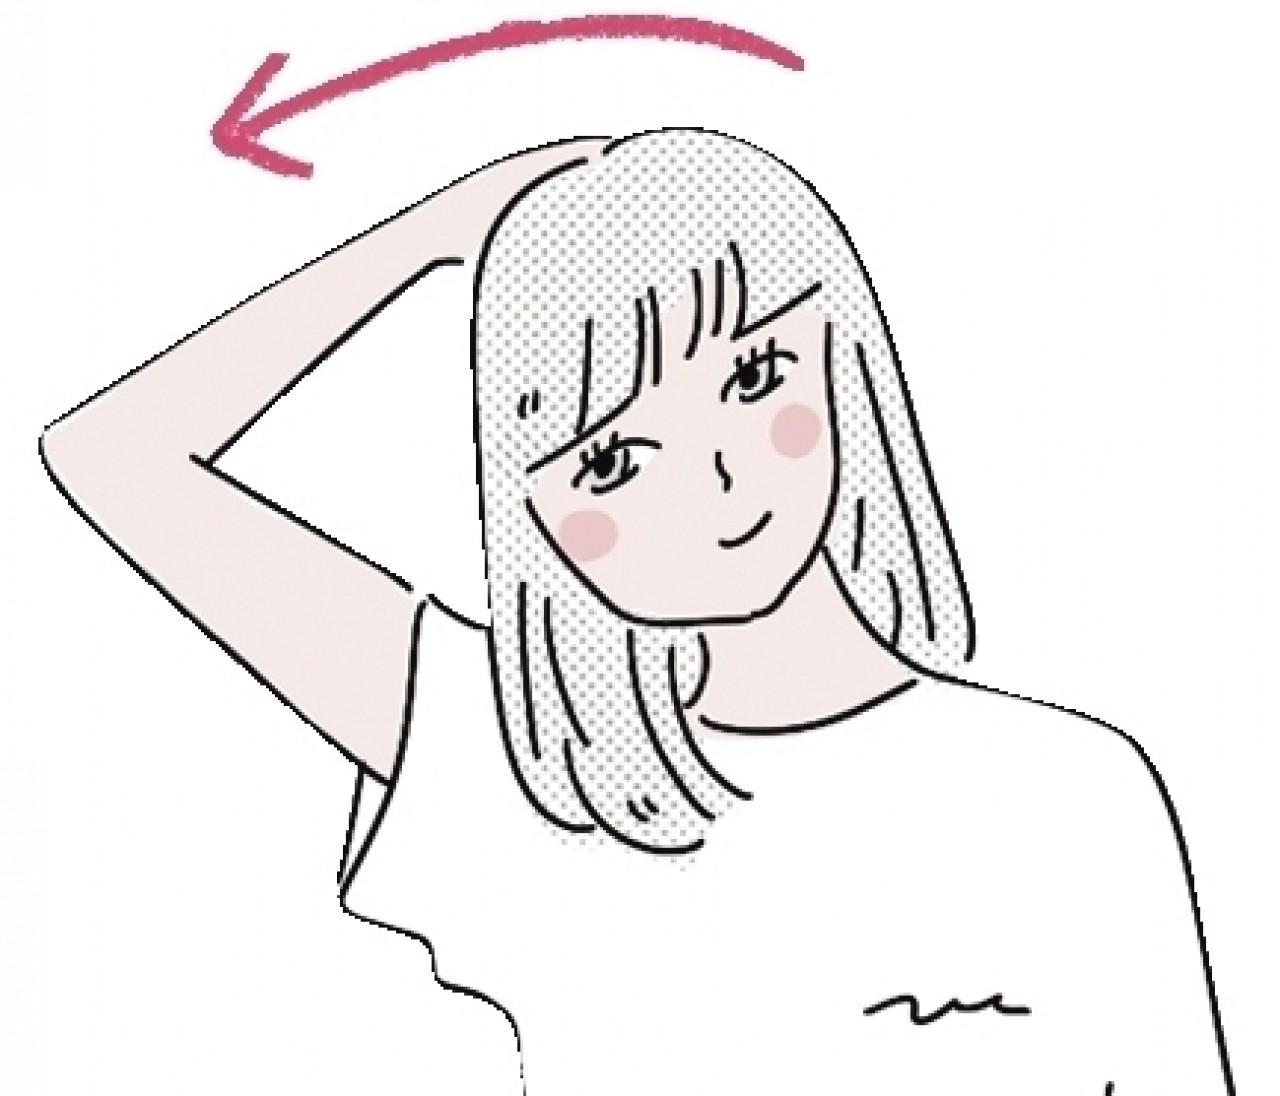 【首のお悩みまとめ】30代になったら首が凝る…原因や改善法って?